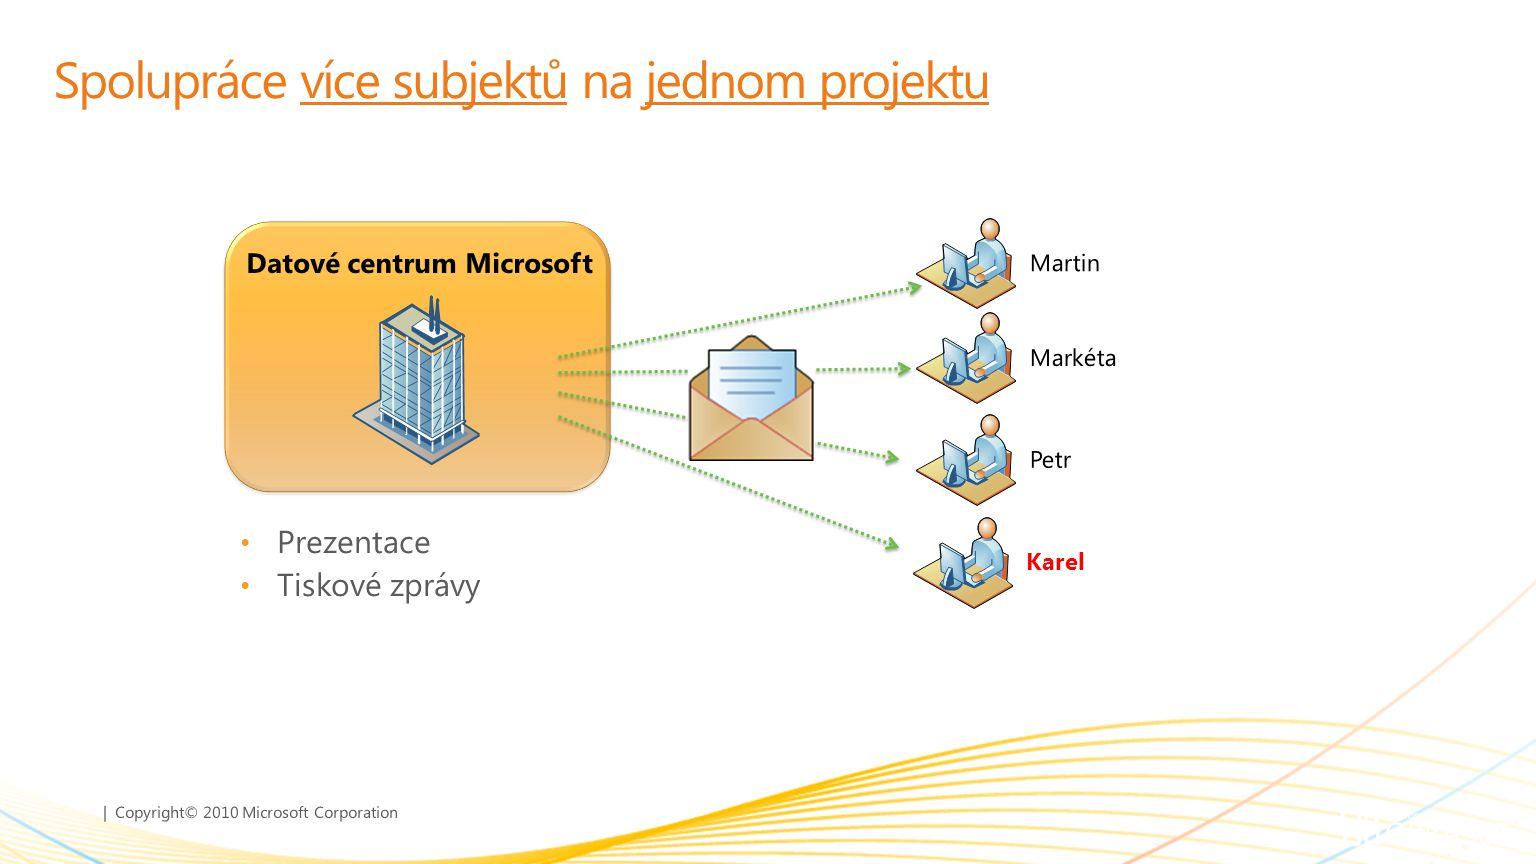 | Copyright© 2010 Microsoft Corporation Spolupráce více subjektů na jednom projektu Prezentace Tiskové zprávy Karel